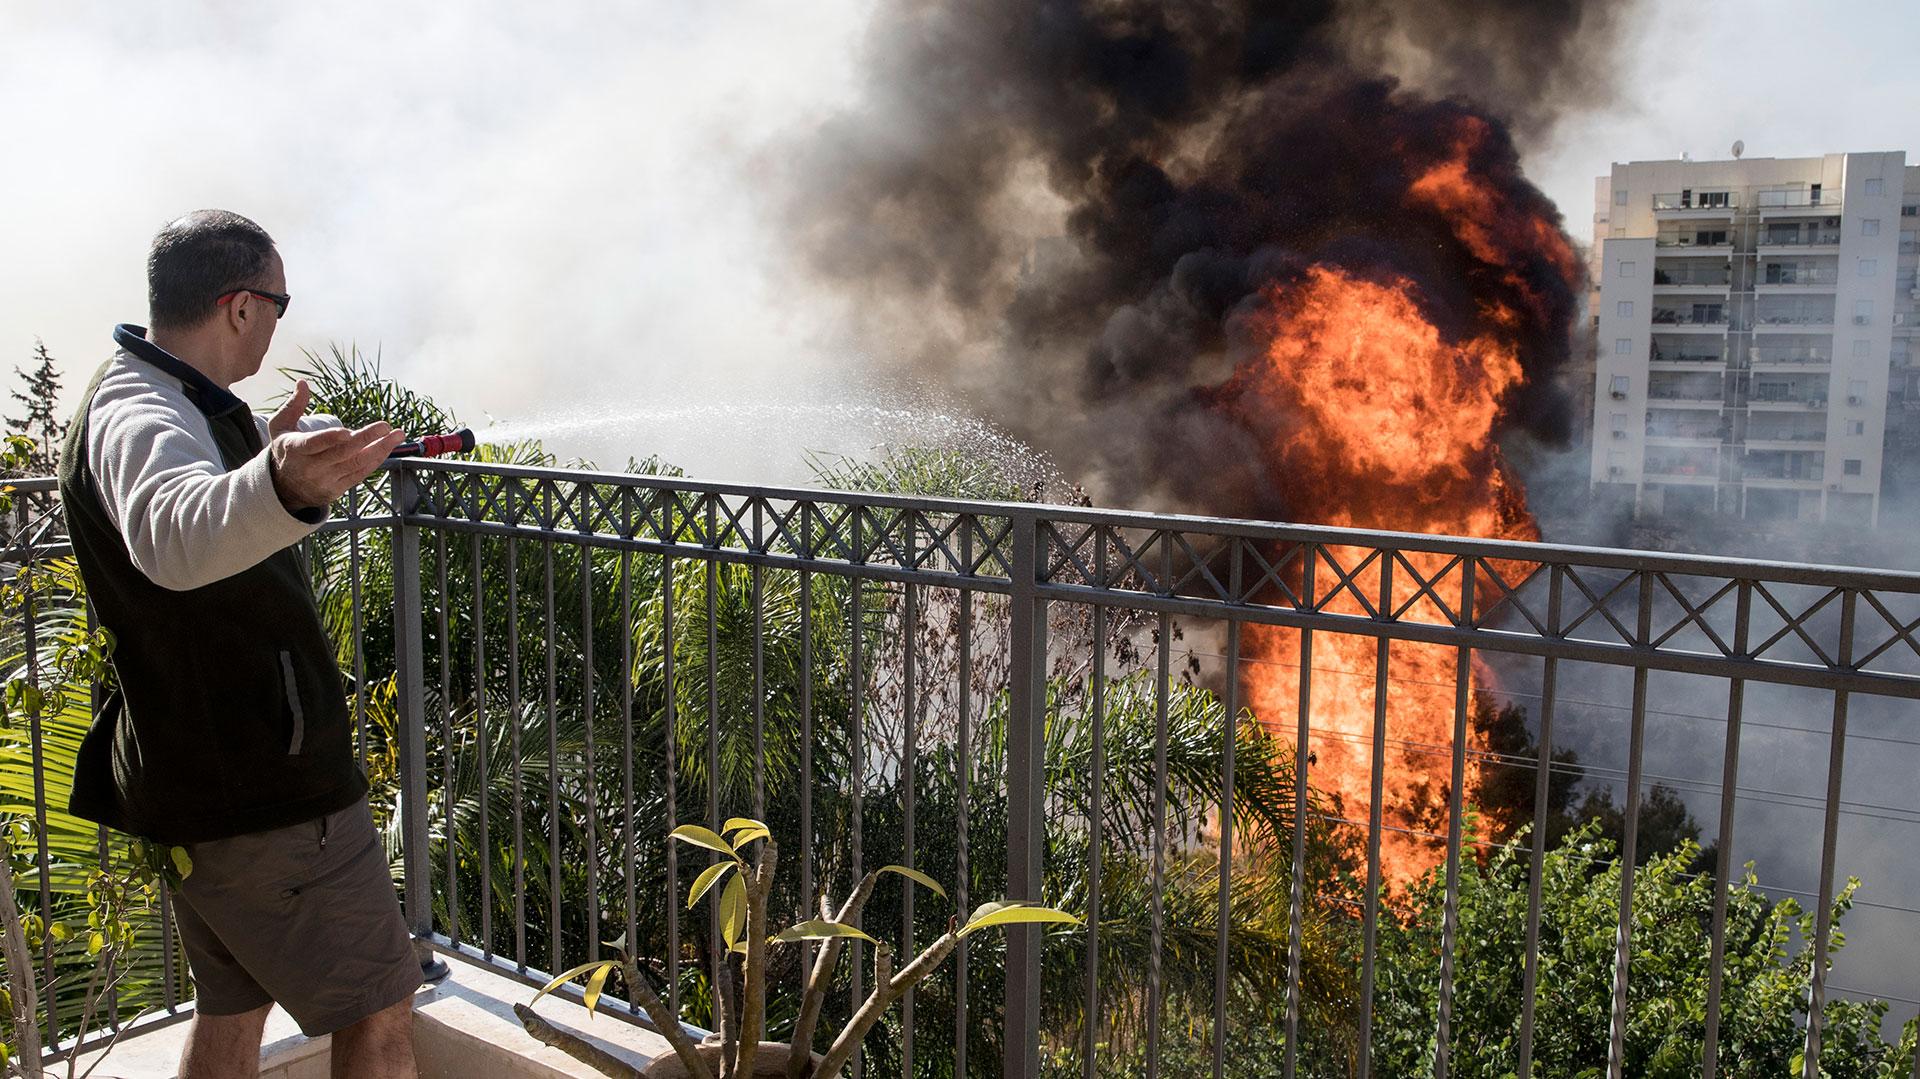 Un residente trata de proteger su vivienda de las llamas que se aproximan (AFP)